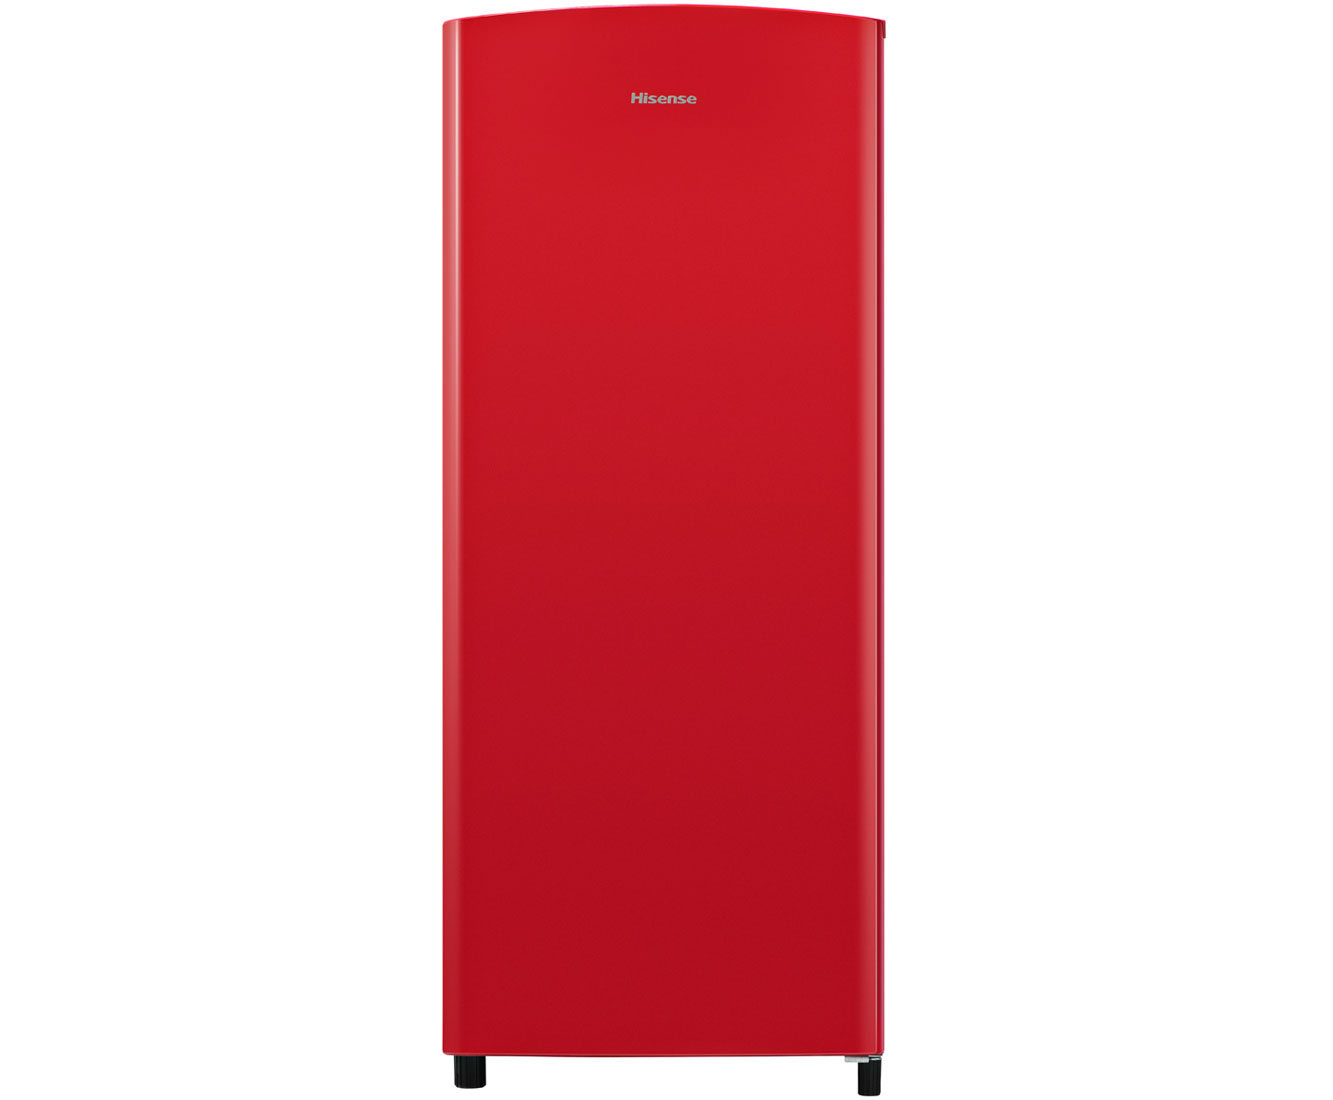 Aeg Kühlschrank Rkb64024dx : Rabatt preisvergleich.de haushaltsgeräte u003e kühlen & gefrieren